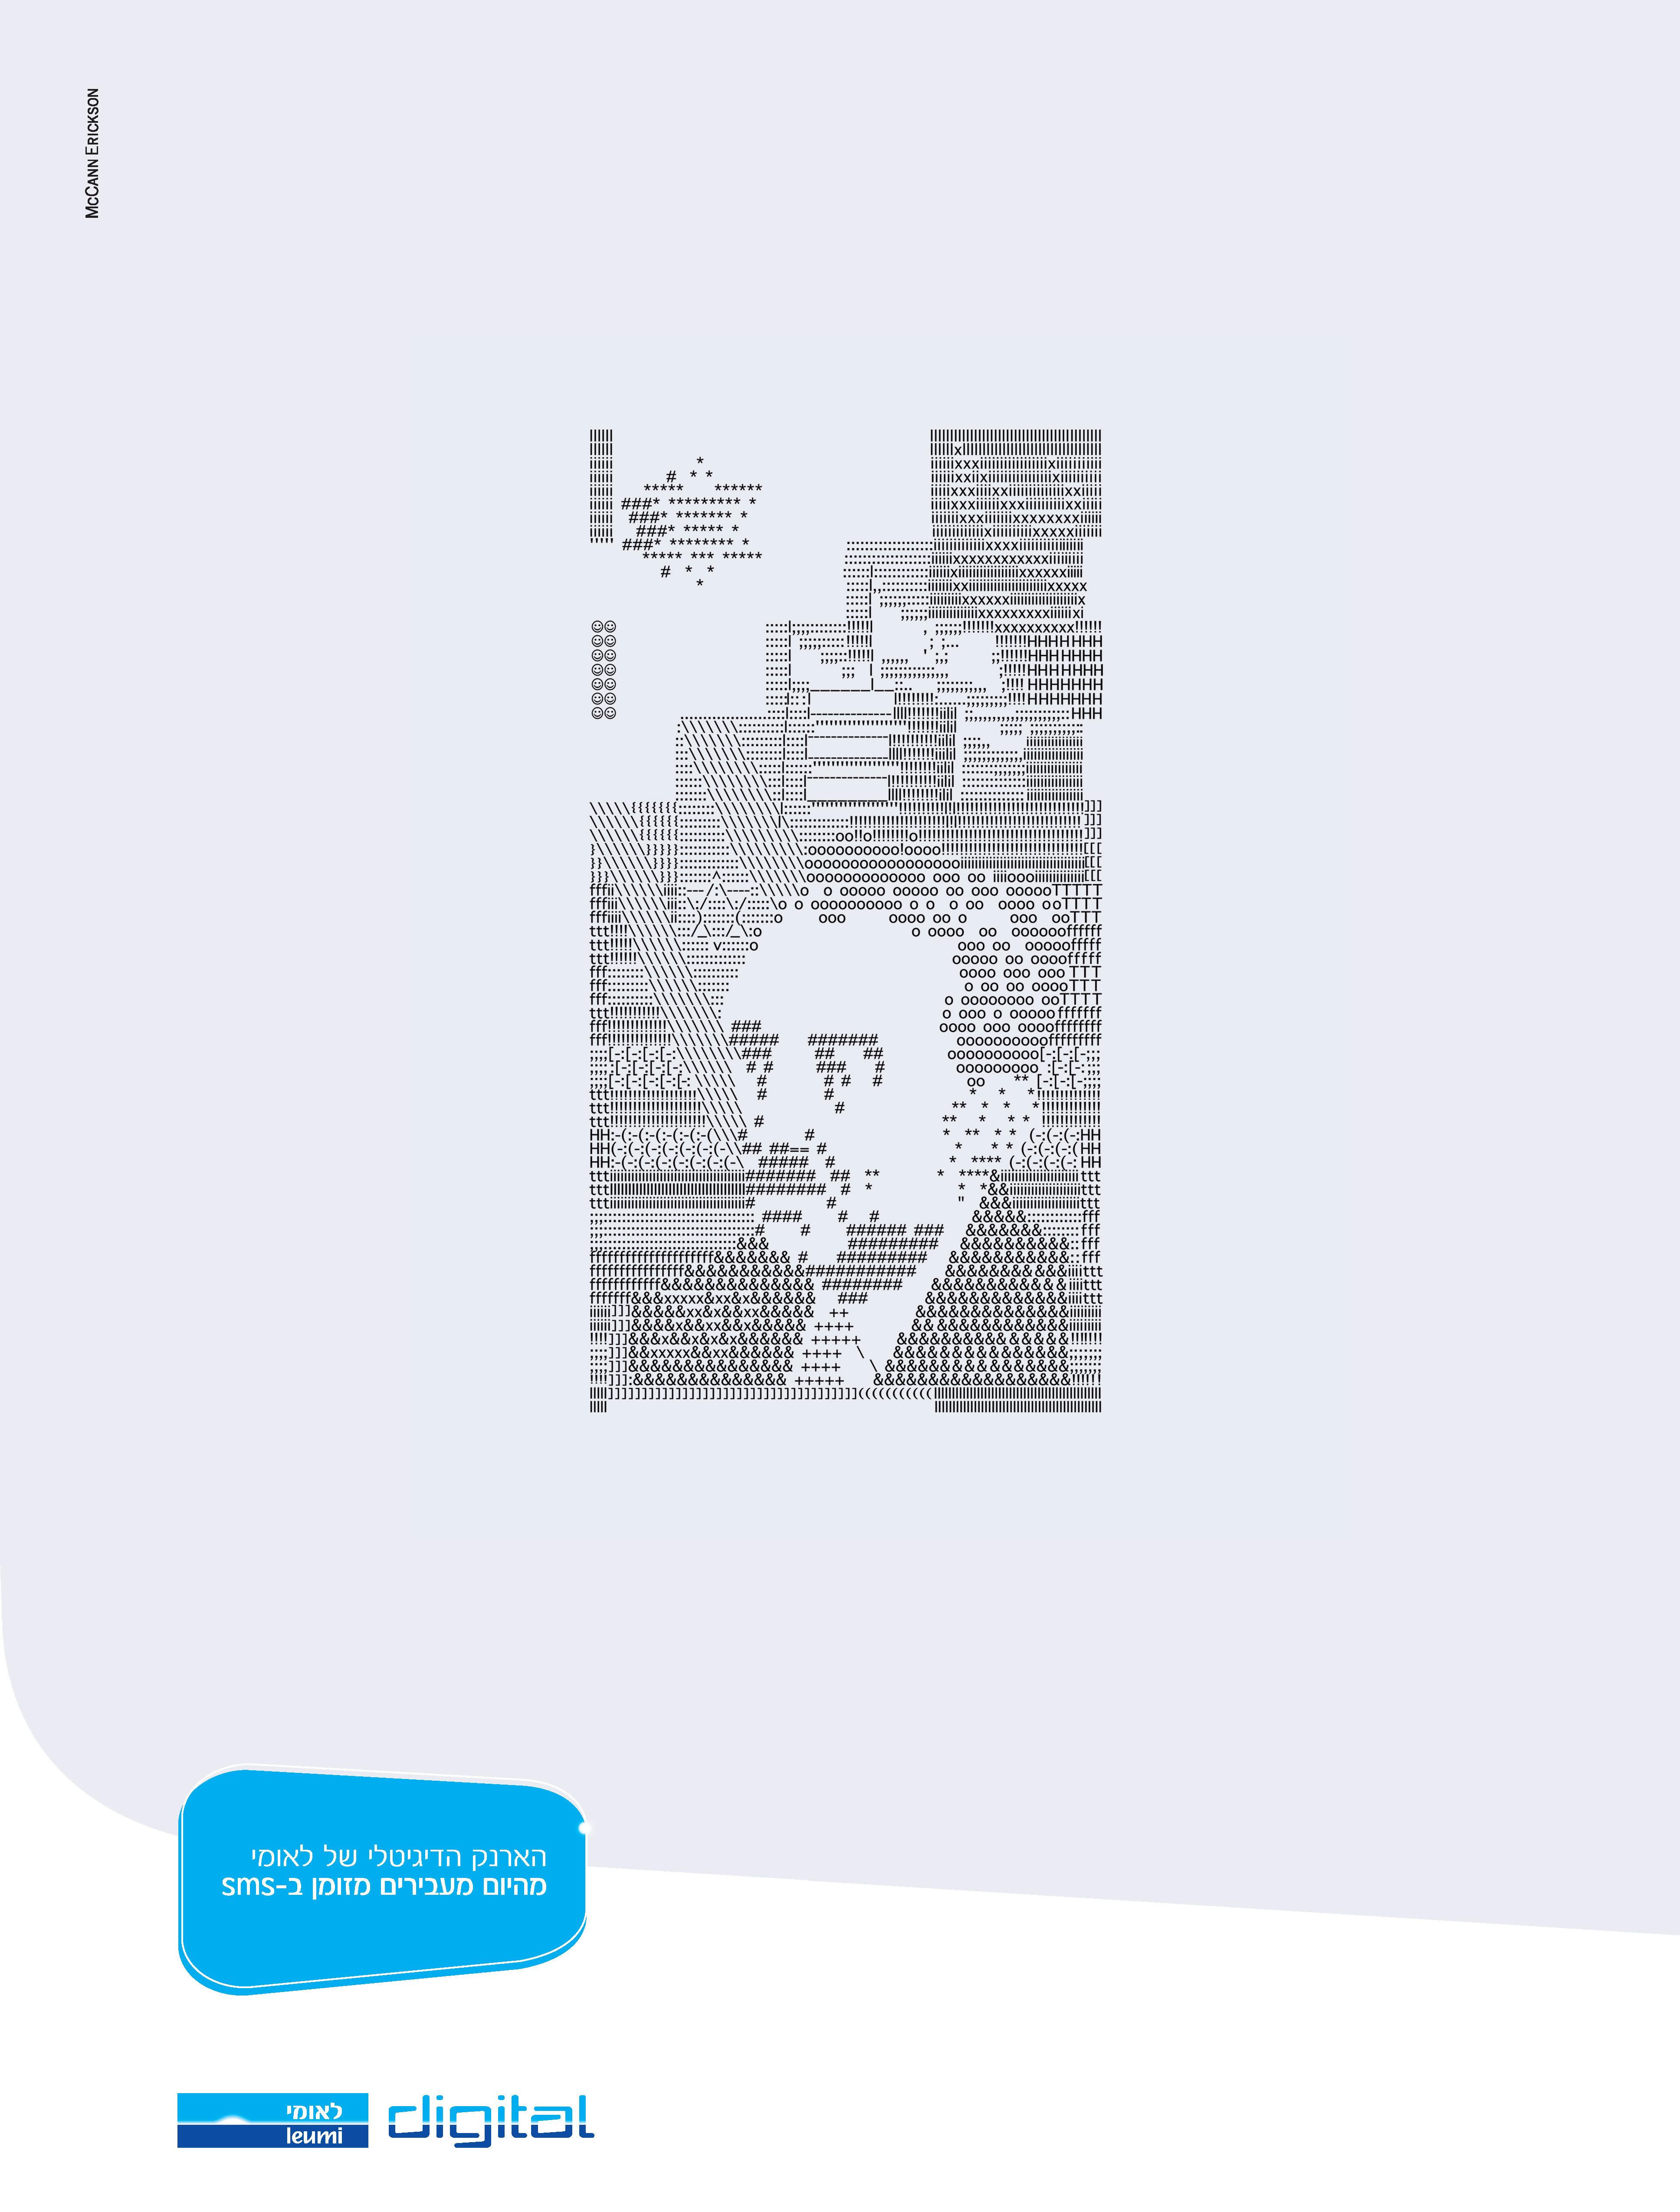 בנק לאומי - מקאן אריקסון